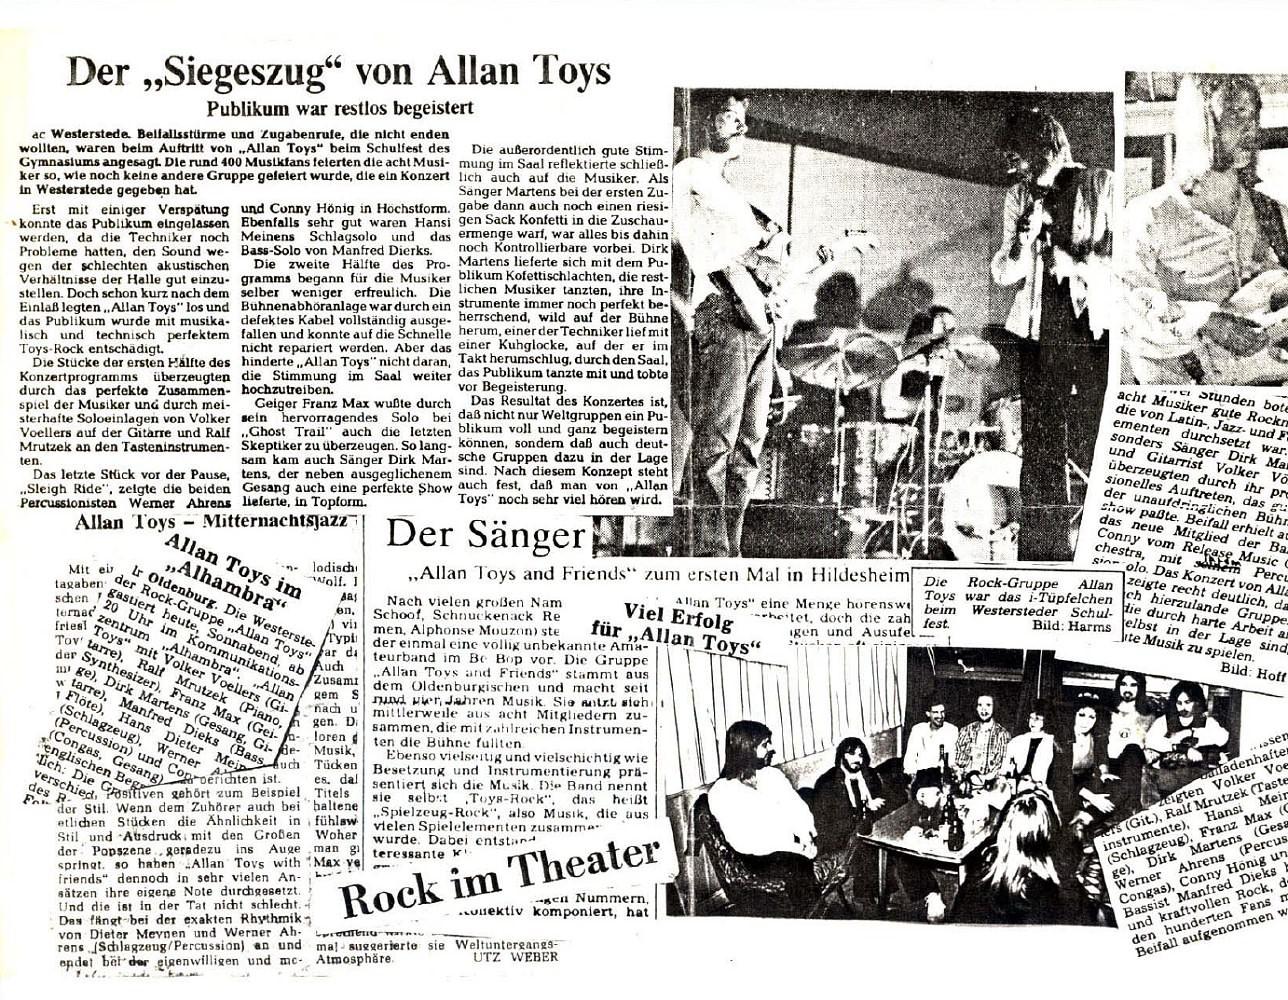 Allan Toys Presseschau